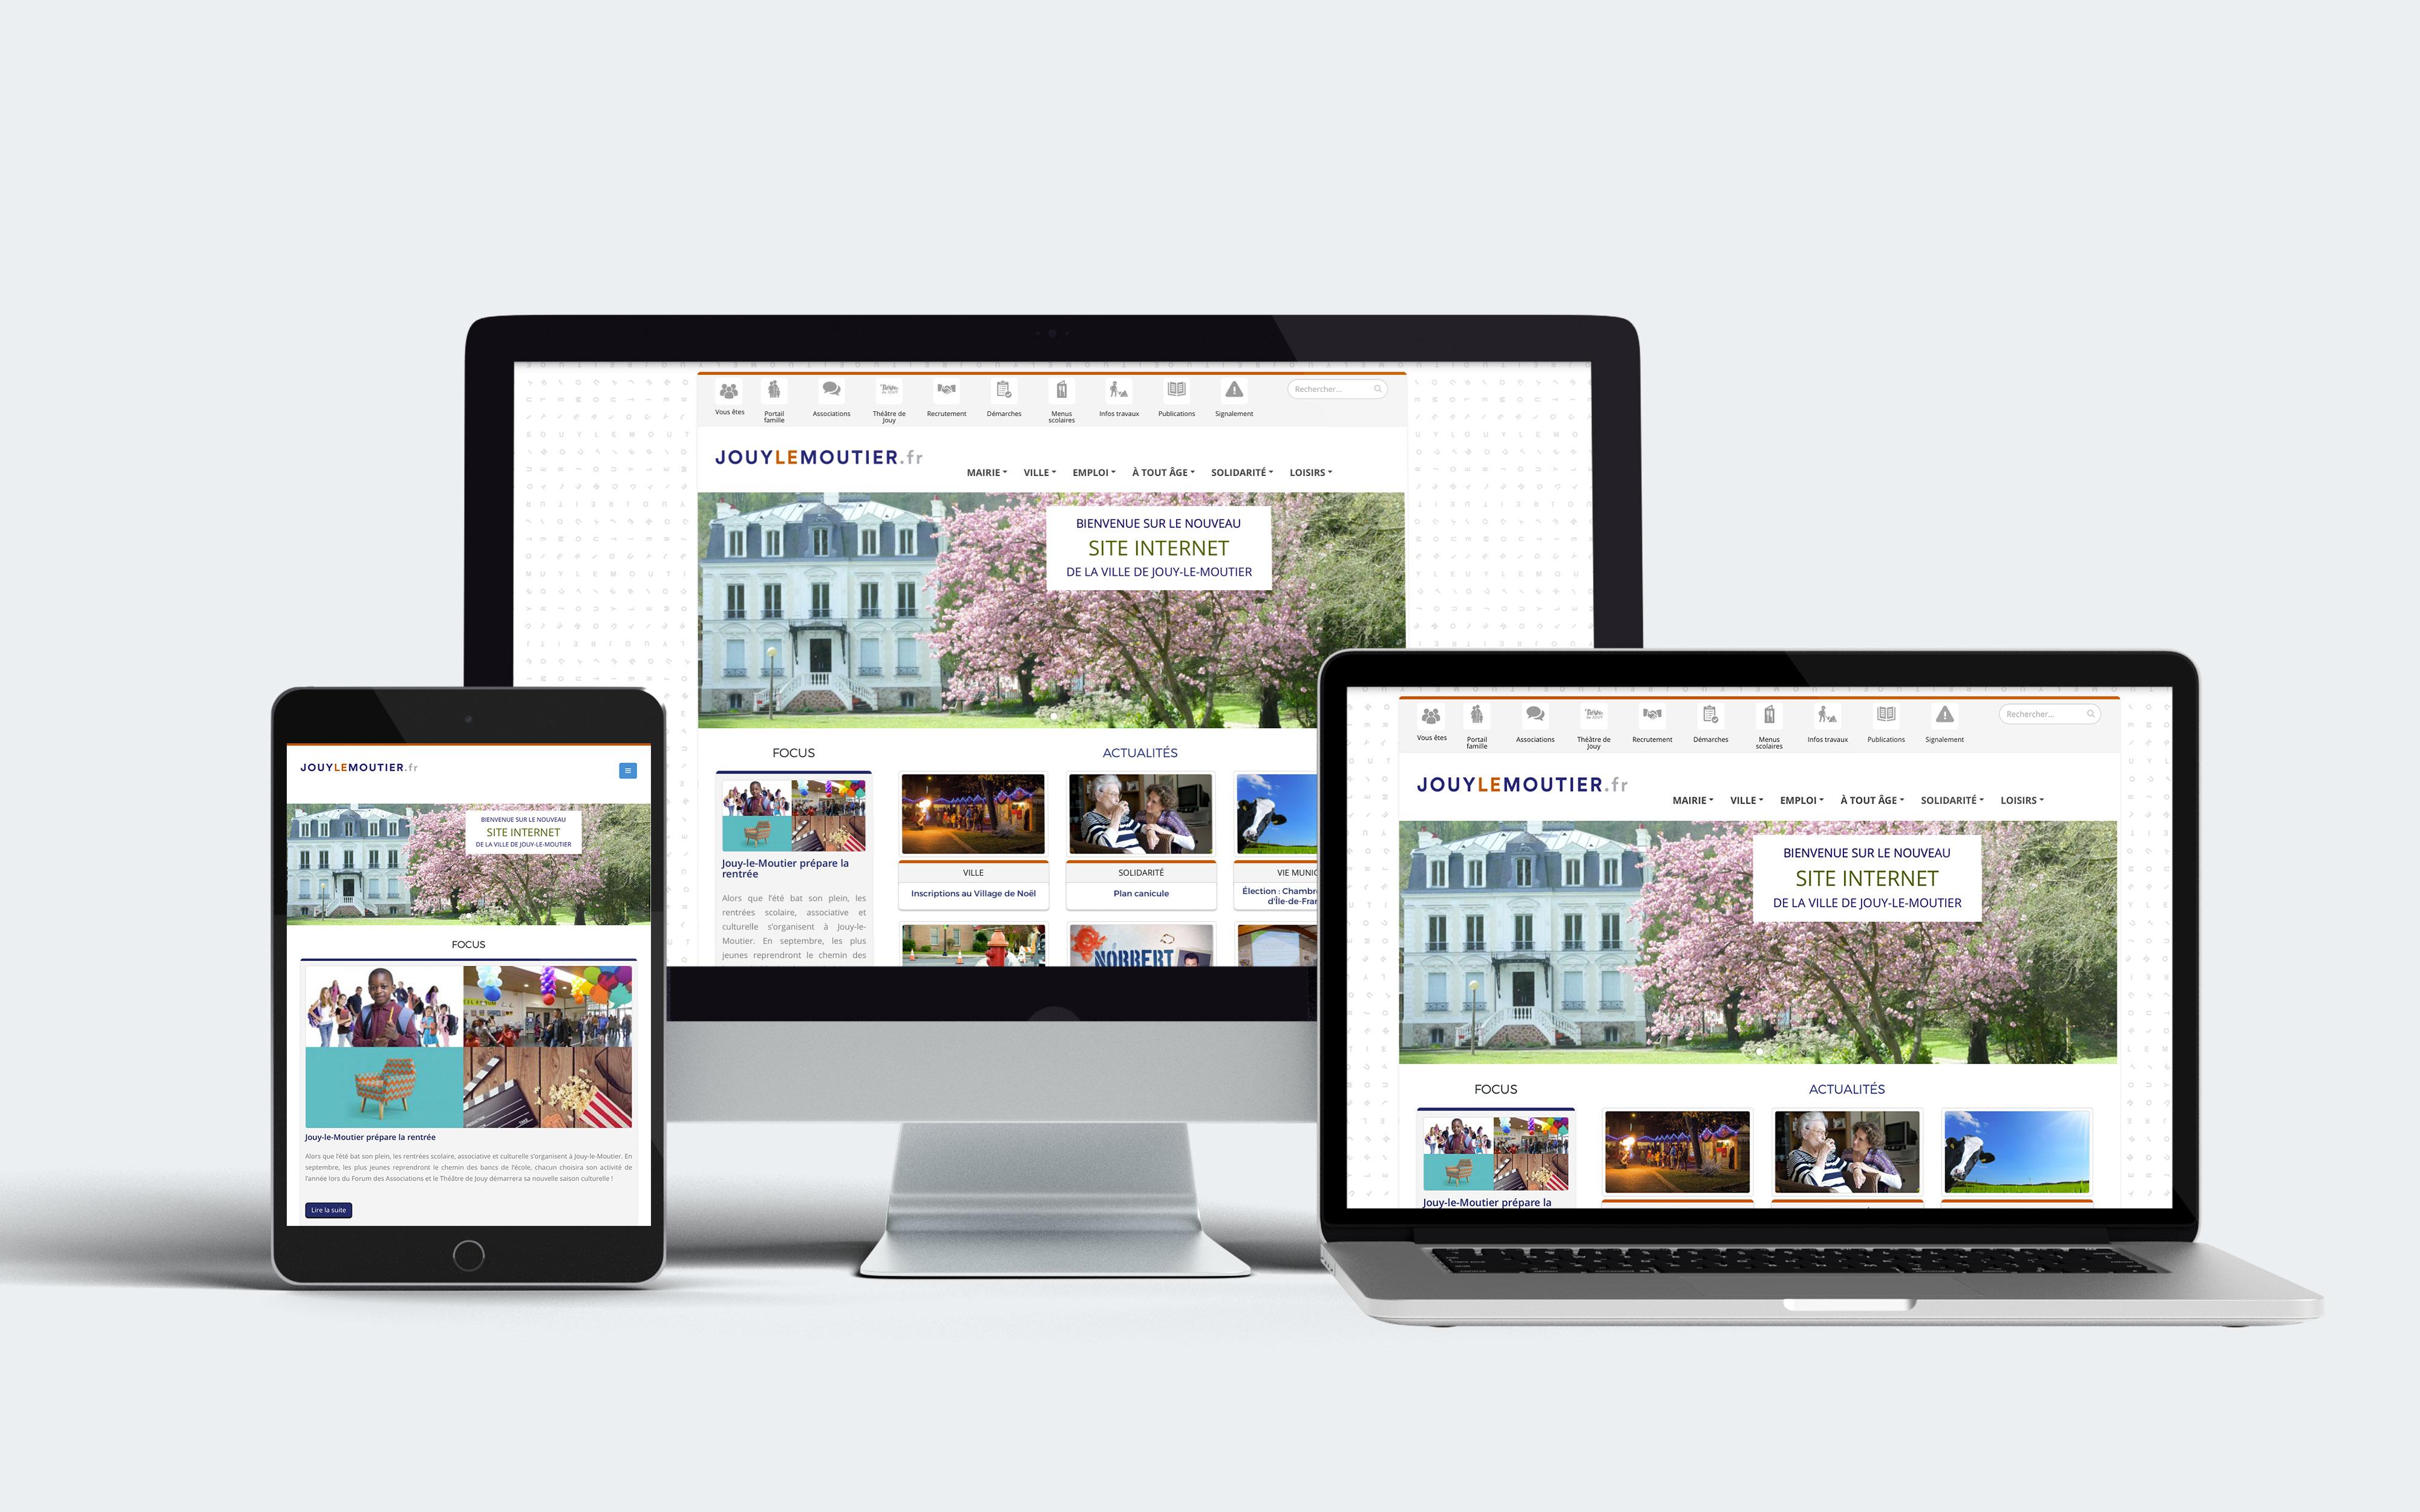 Site internet de la ville de Jouy-le-Moutier